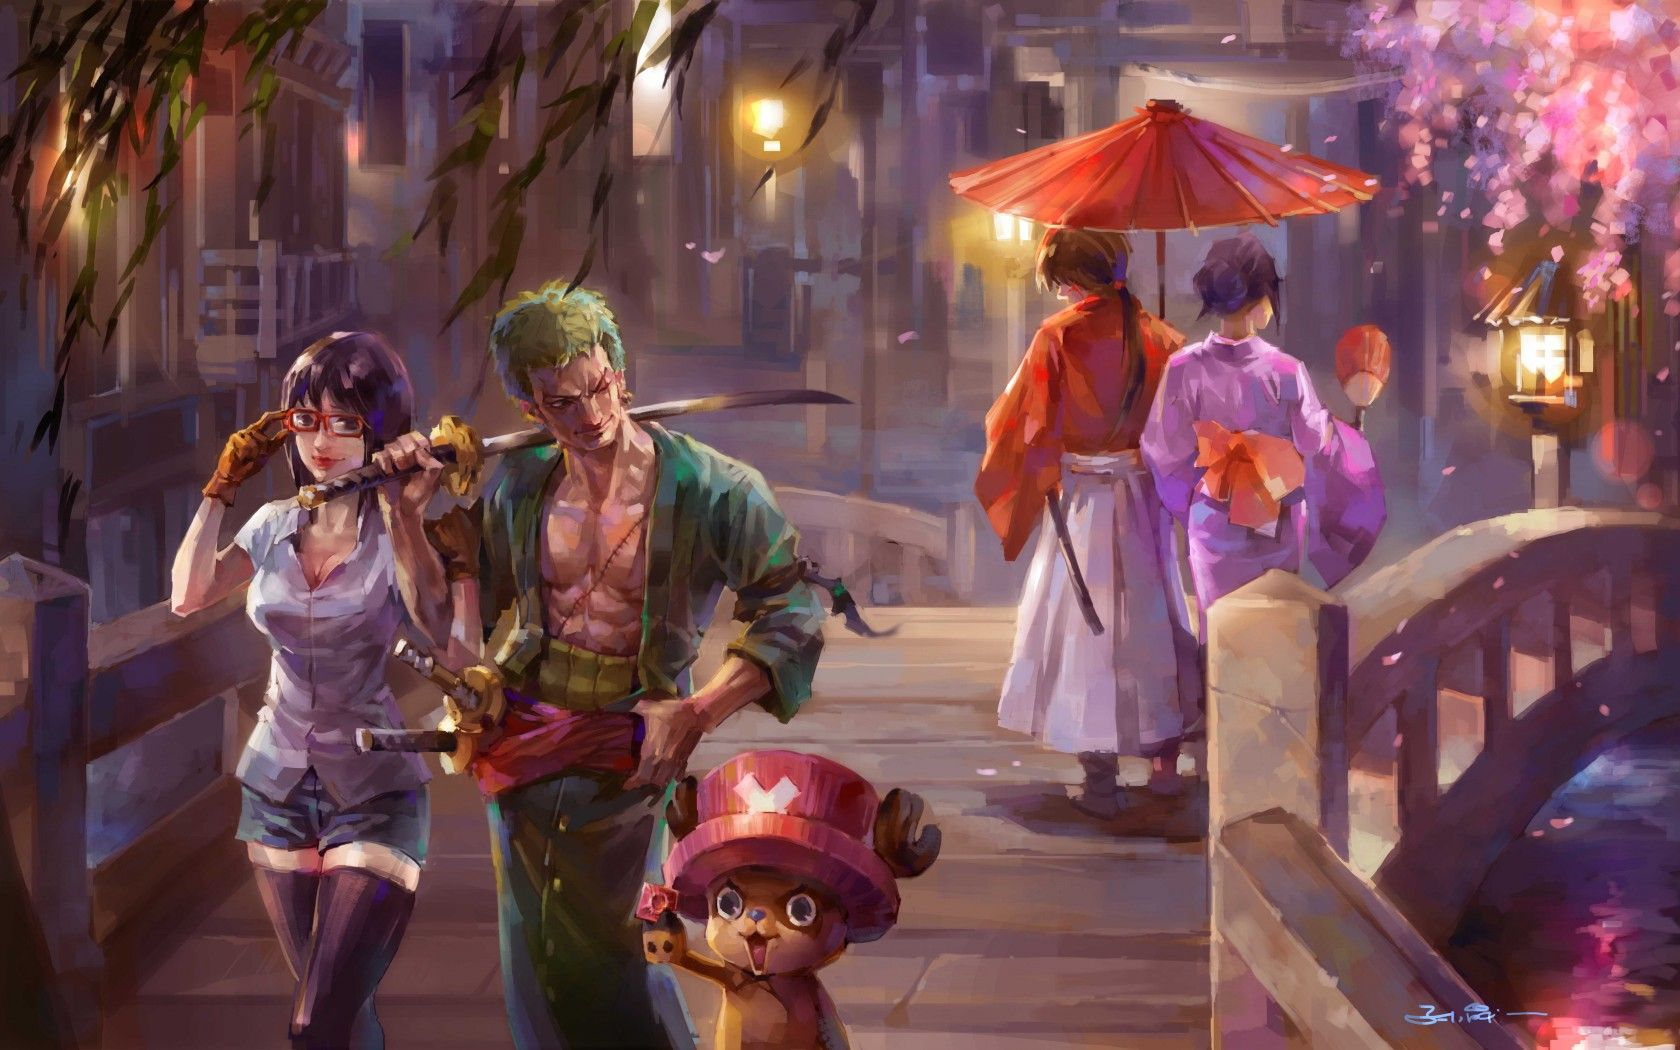 One Piece Tashigi Zoro Chopper Kenshin Himura Kaoru One 1680x1050